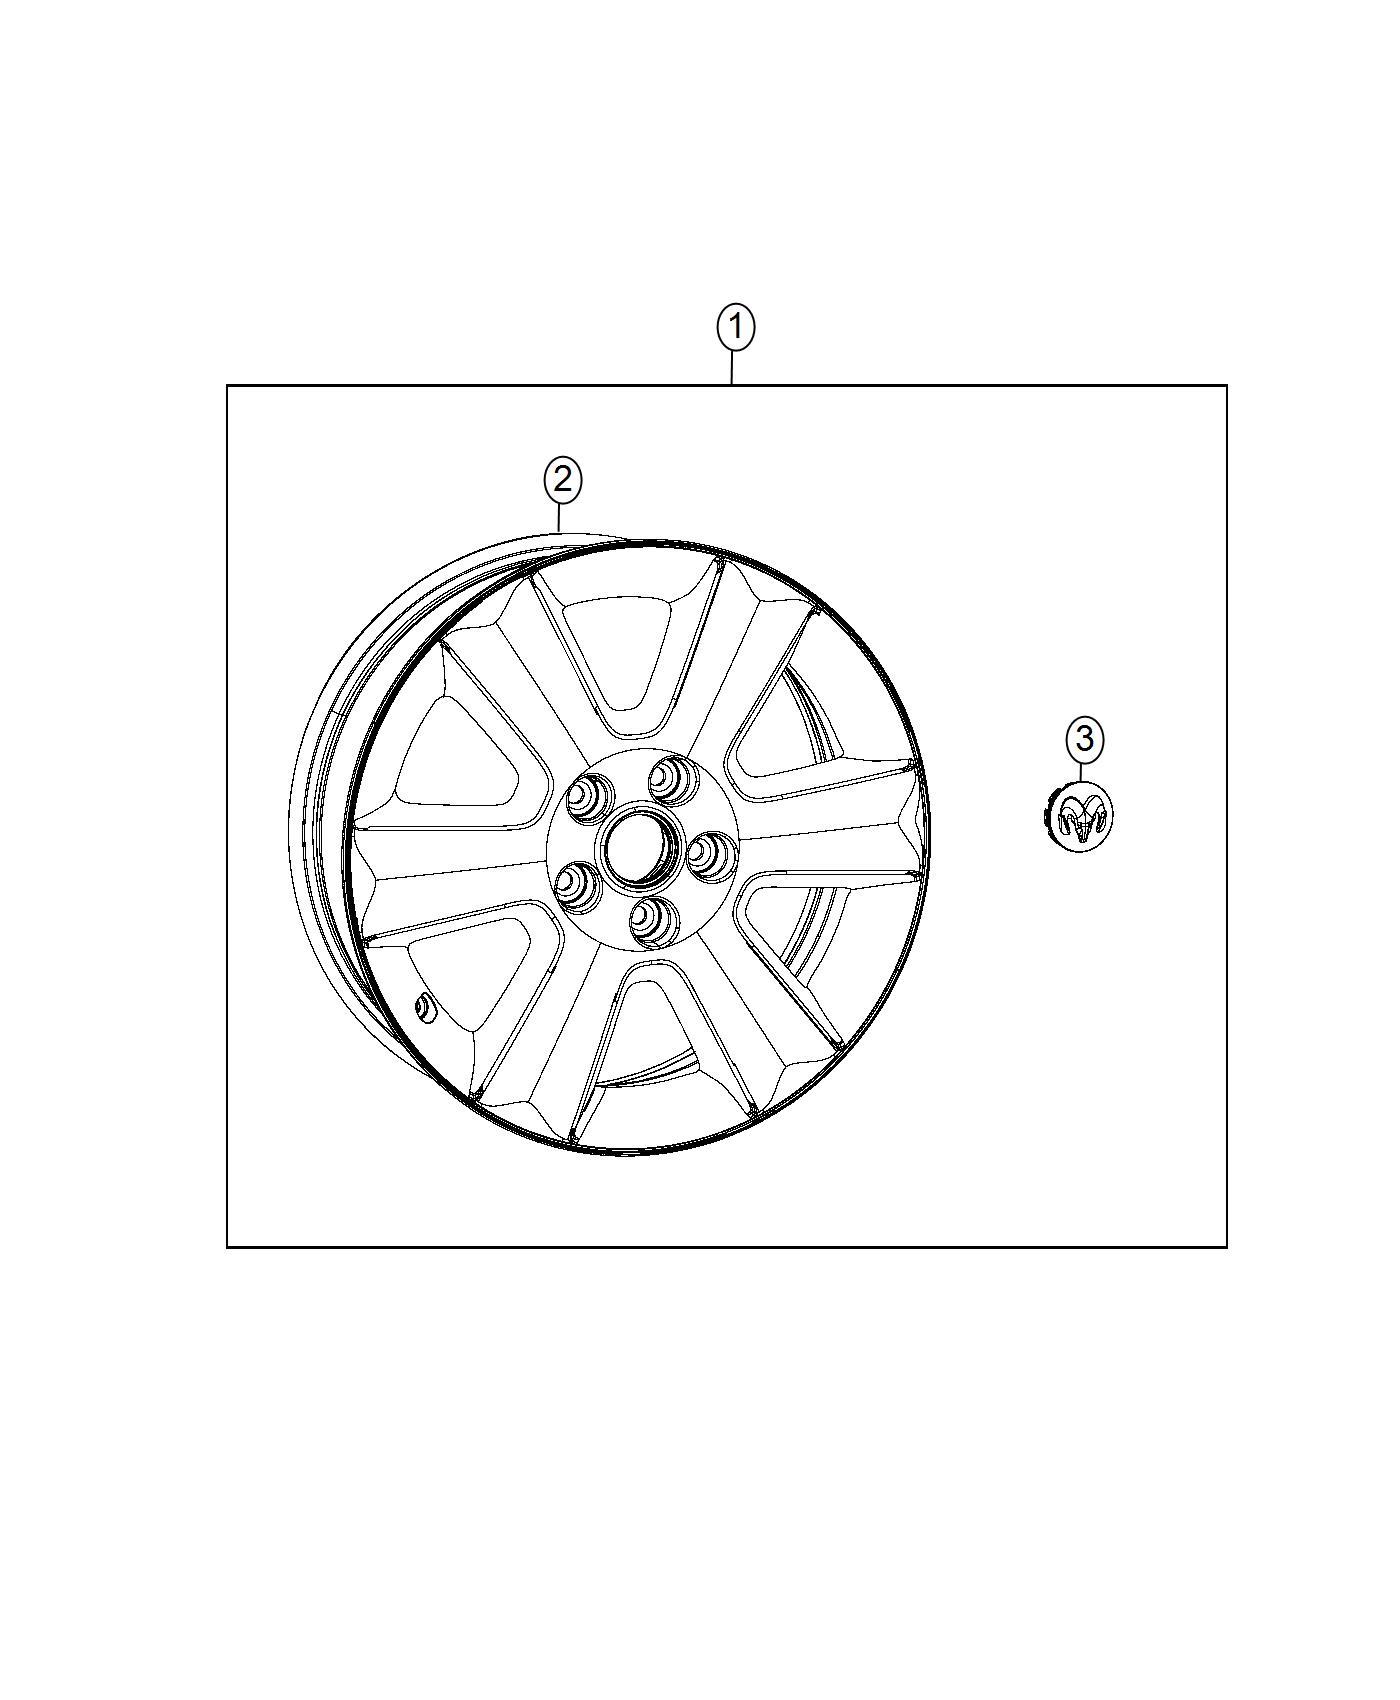 Dodge Journey Wheel Aluminum Front Or Rear Color No Description Available